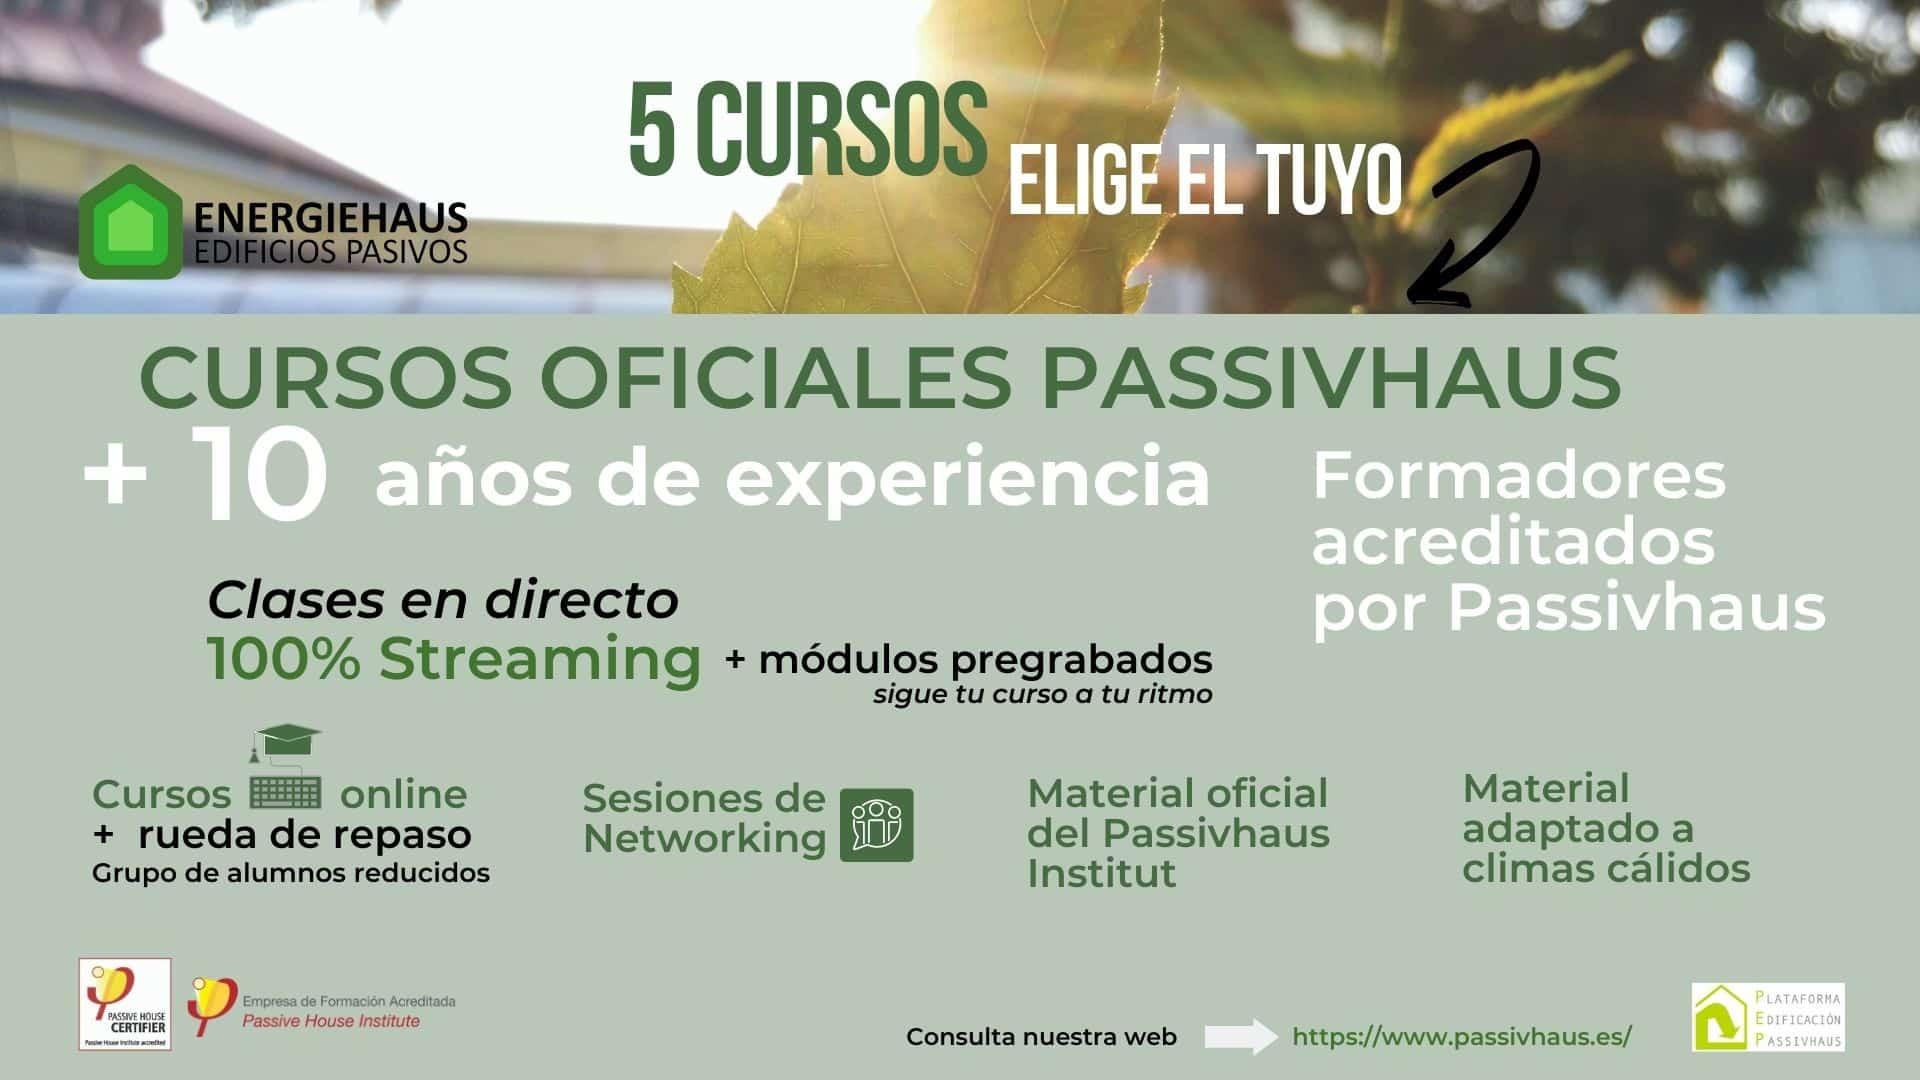 cursos passivhaus Energiehaus